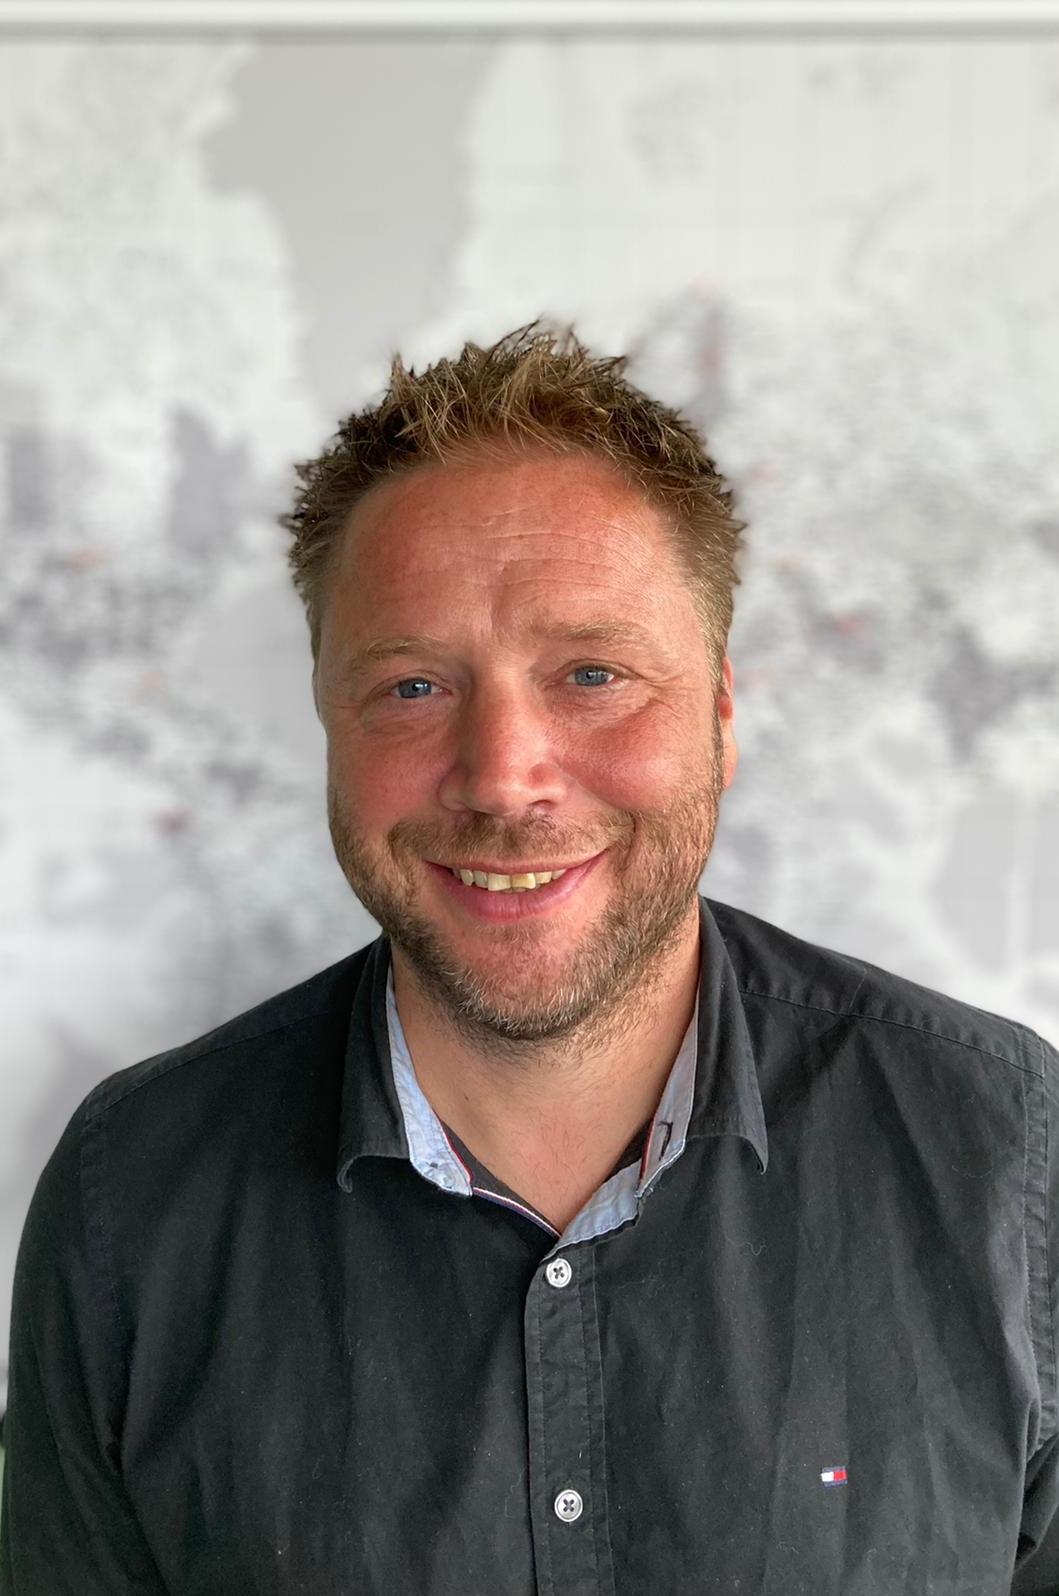 Martijn Eugelink